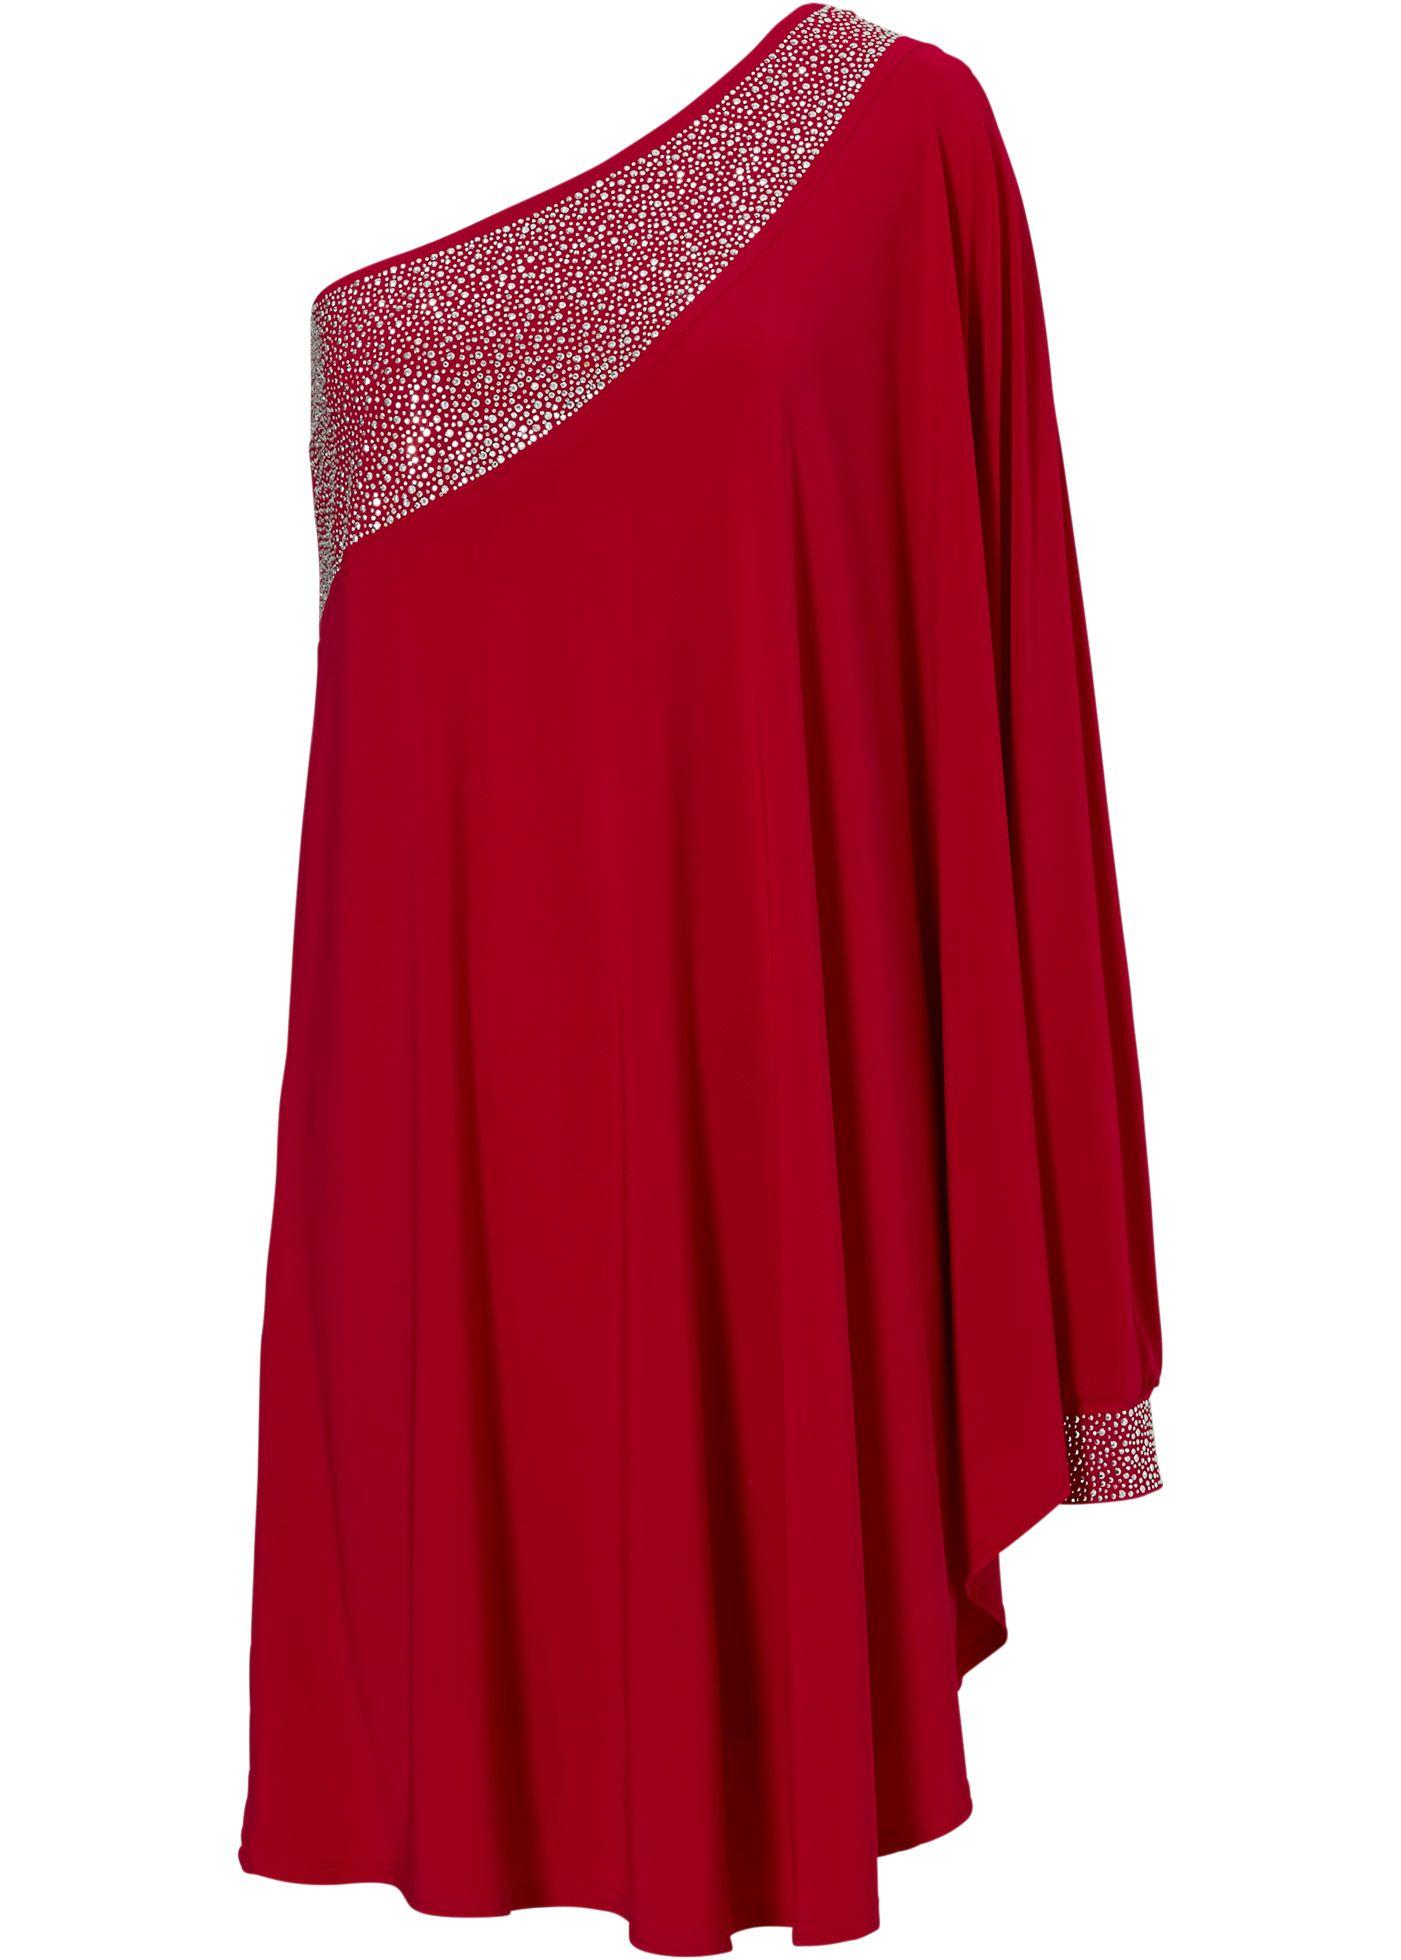 Kleid magenta - BODYFLIRT boutique jetzt online bei bonprix.at ab